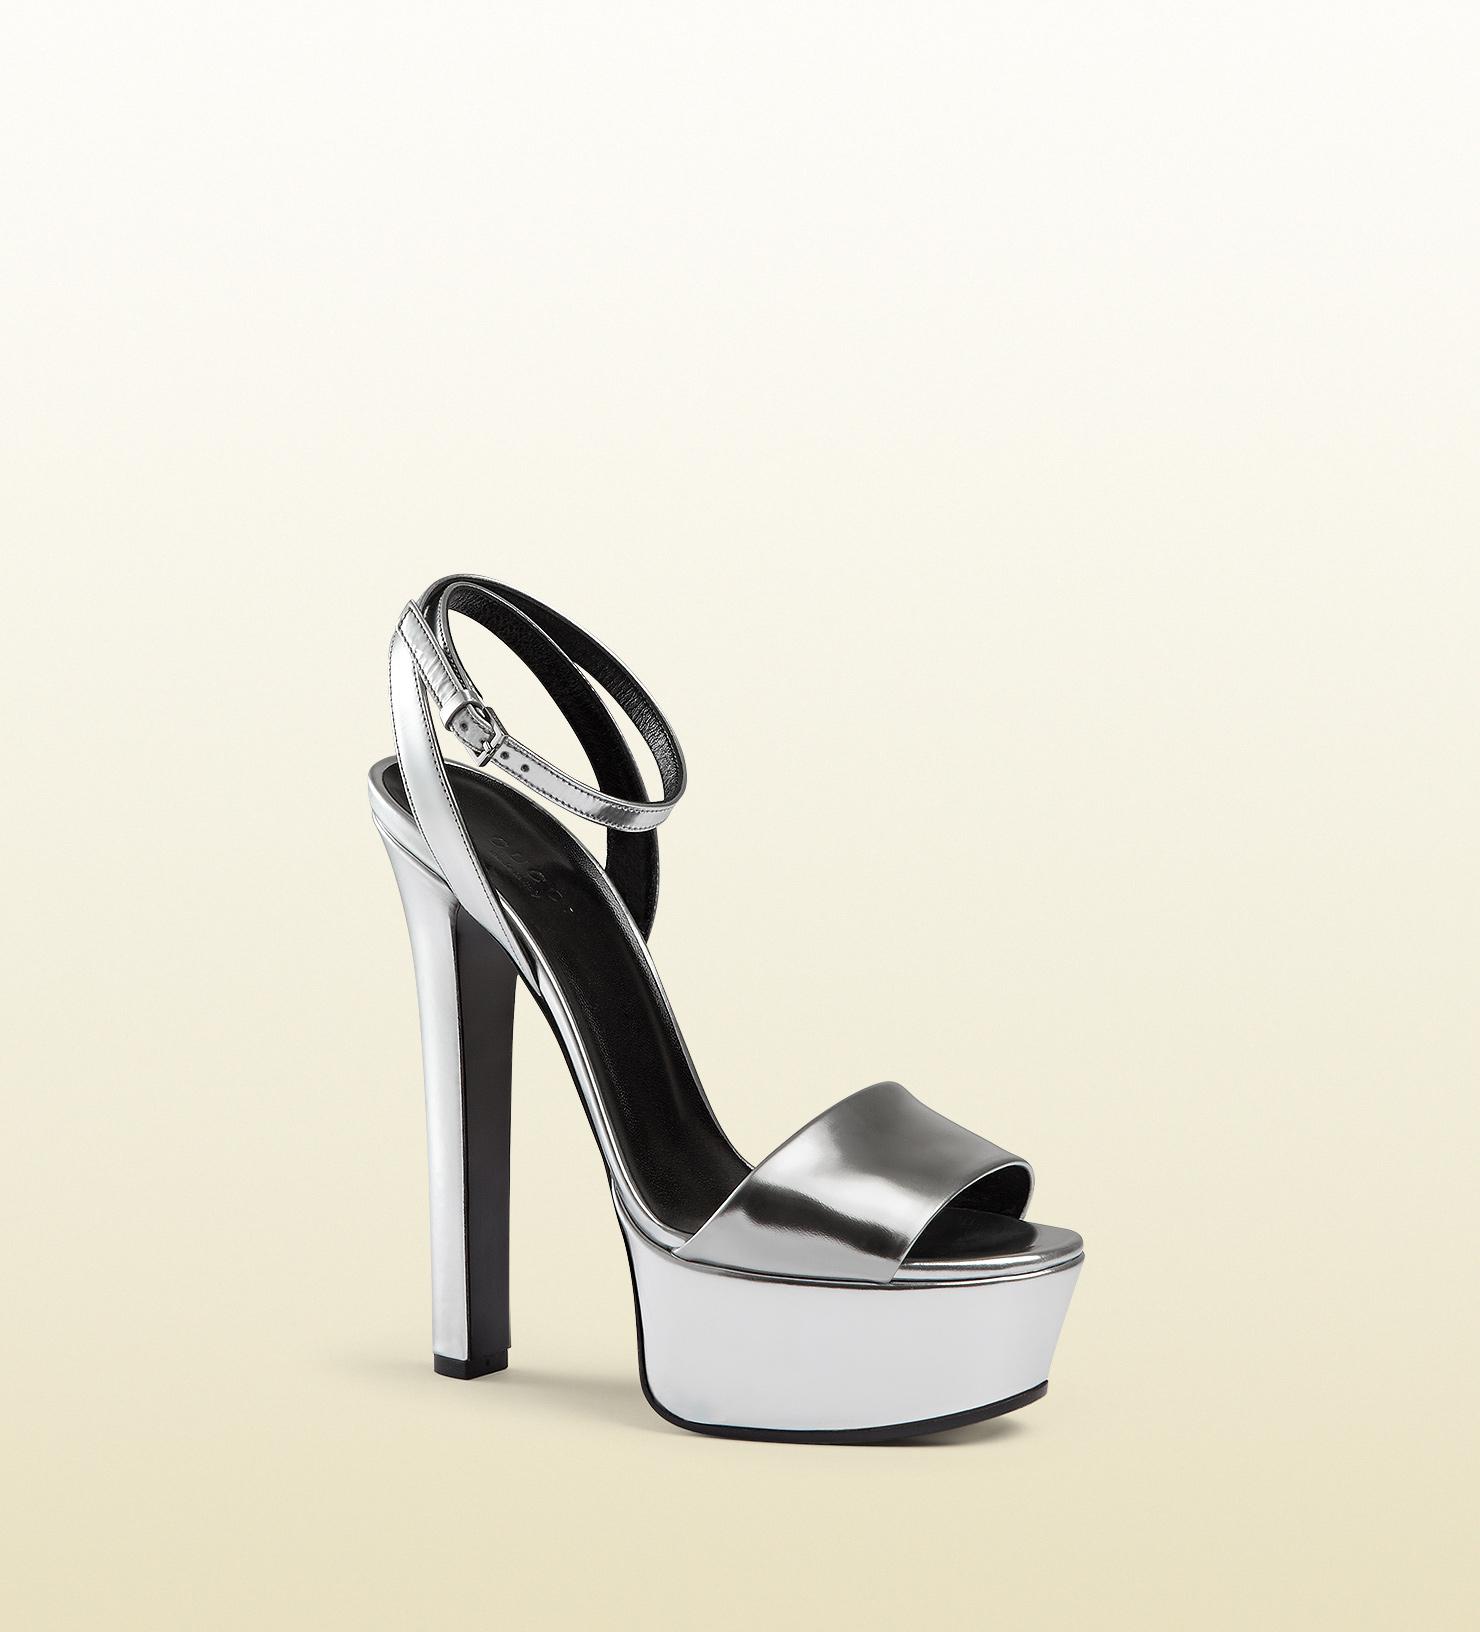 c5aa09878 Gucci Metallic Leather Platform Sandal in Metallic - Lyst